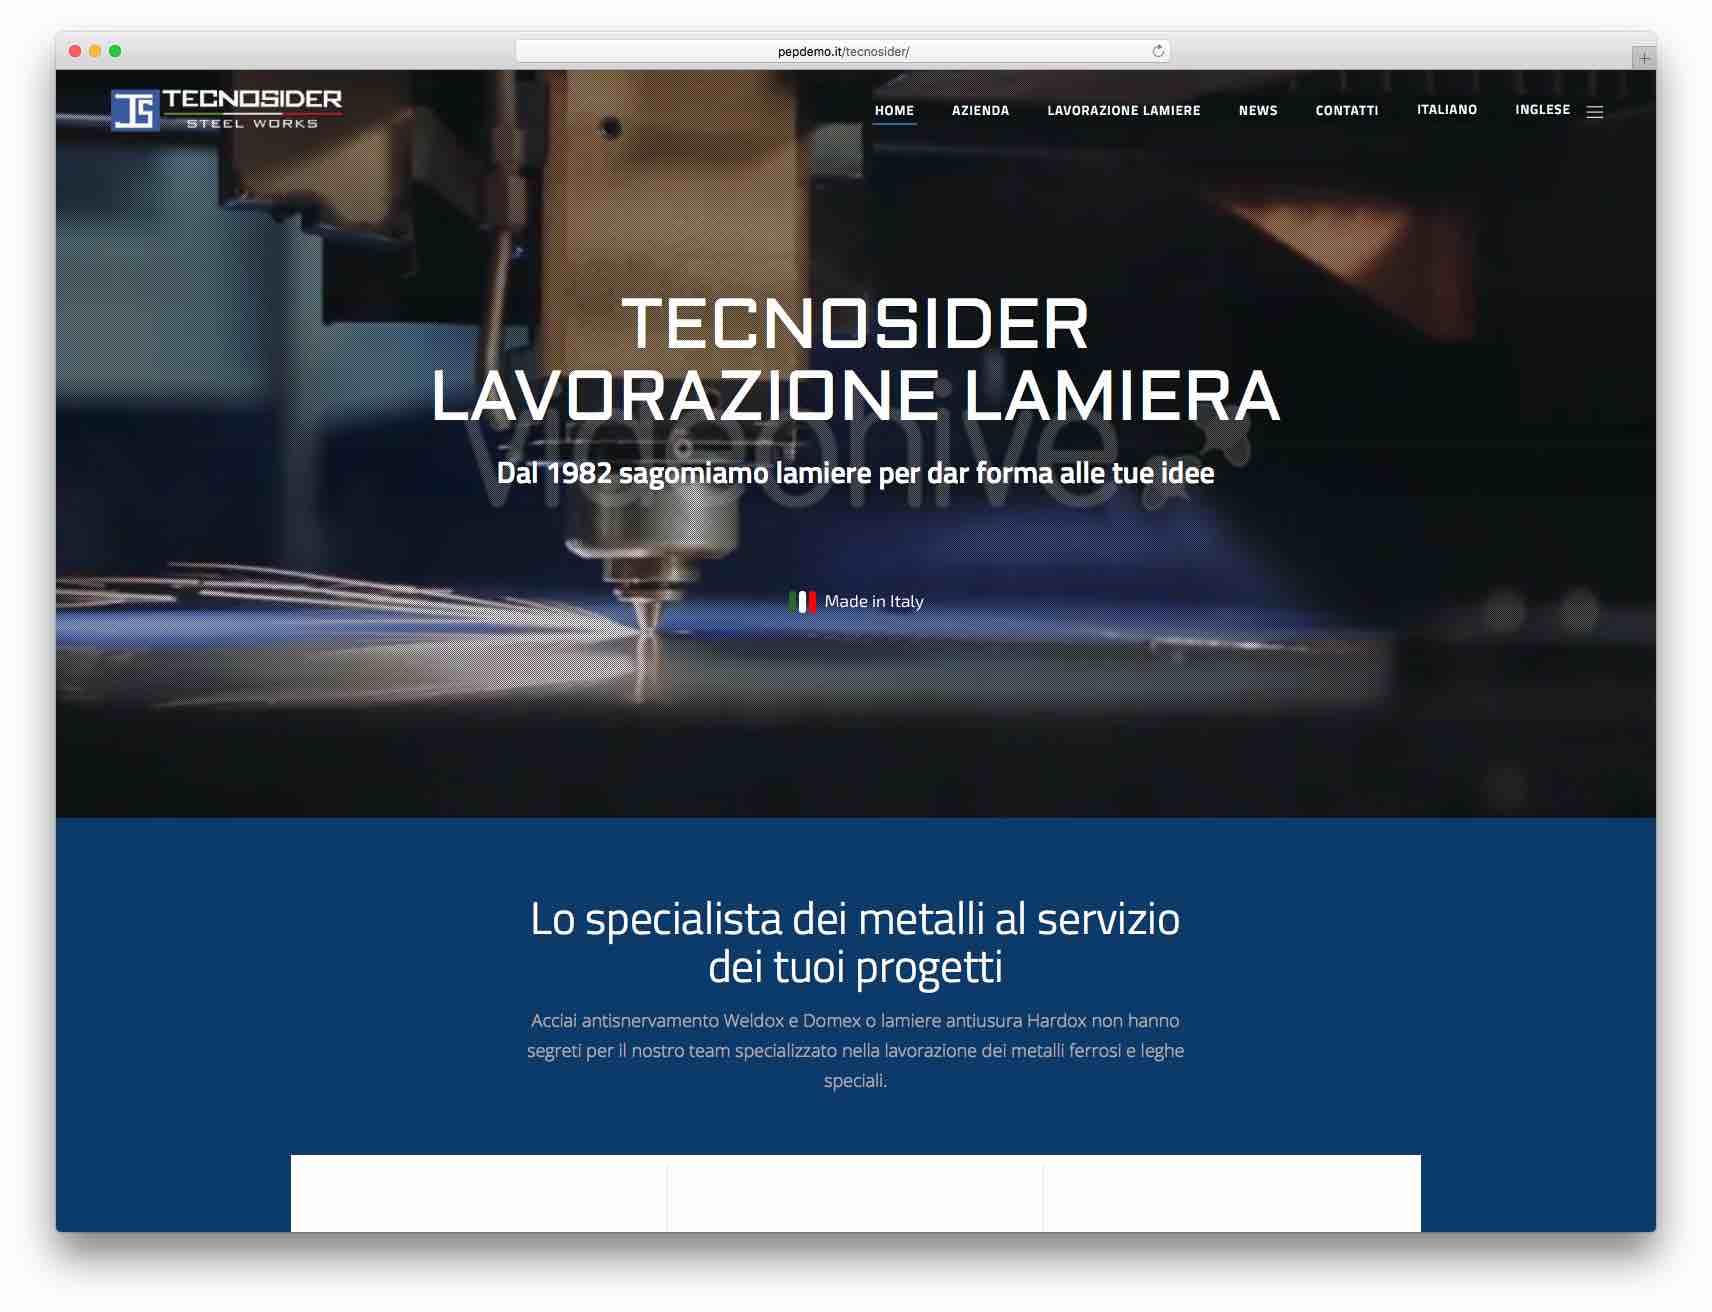 Creazione Siti Web Brescia - Sito Web Tecnosider